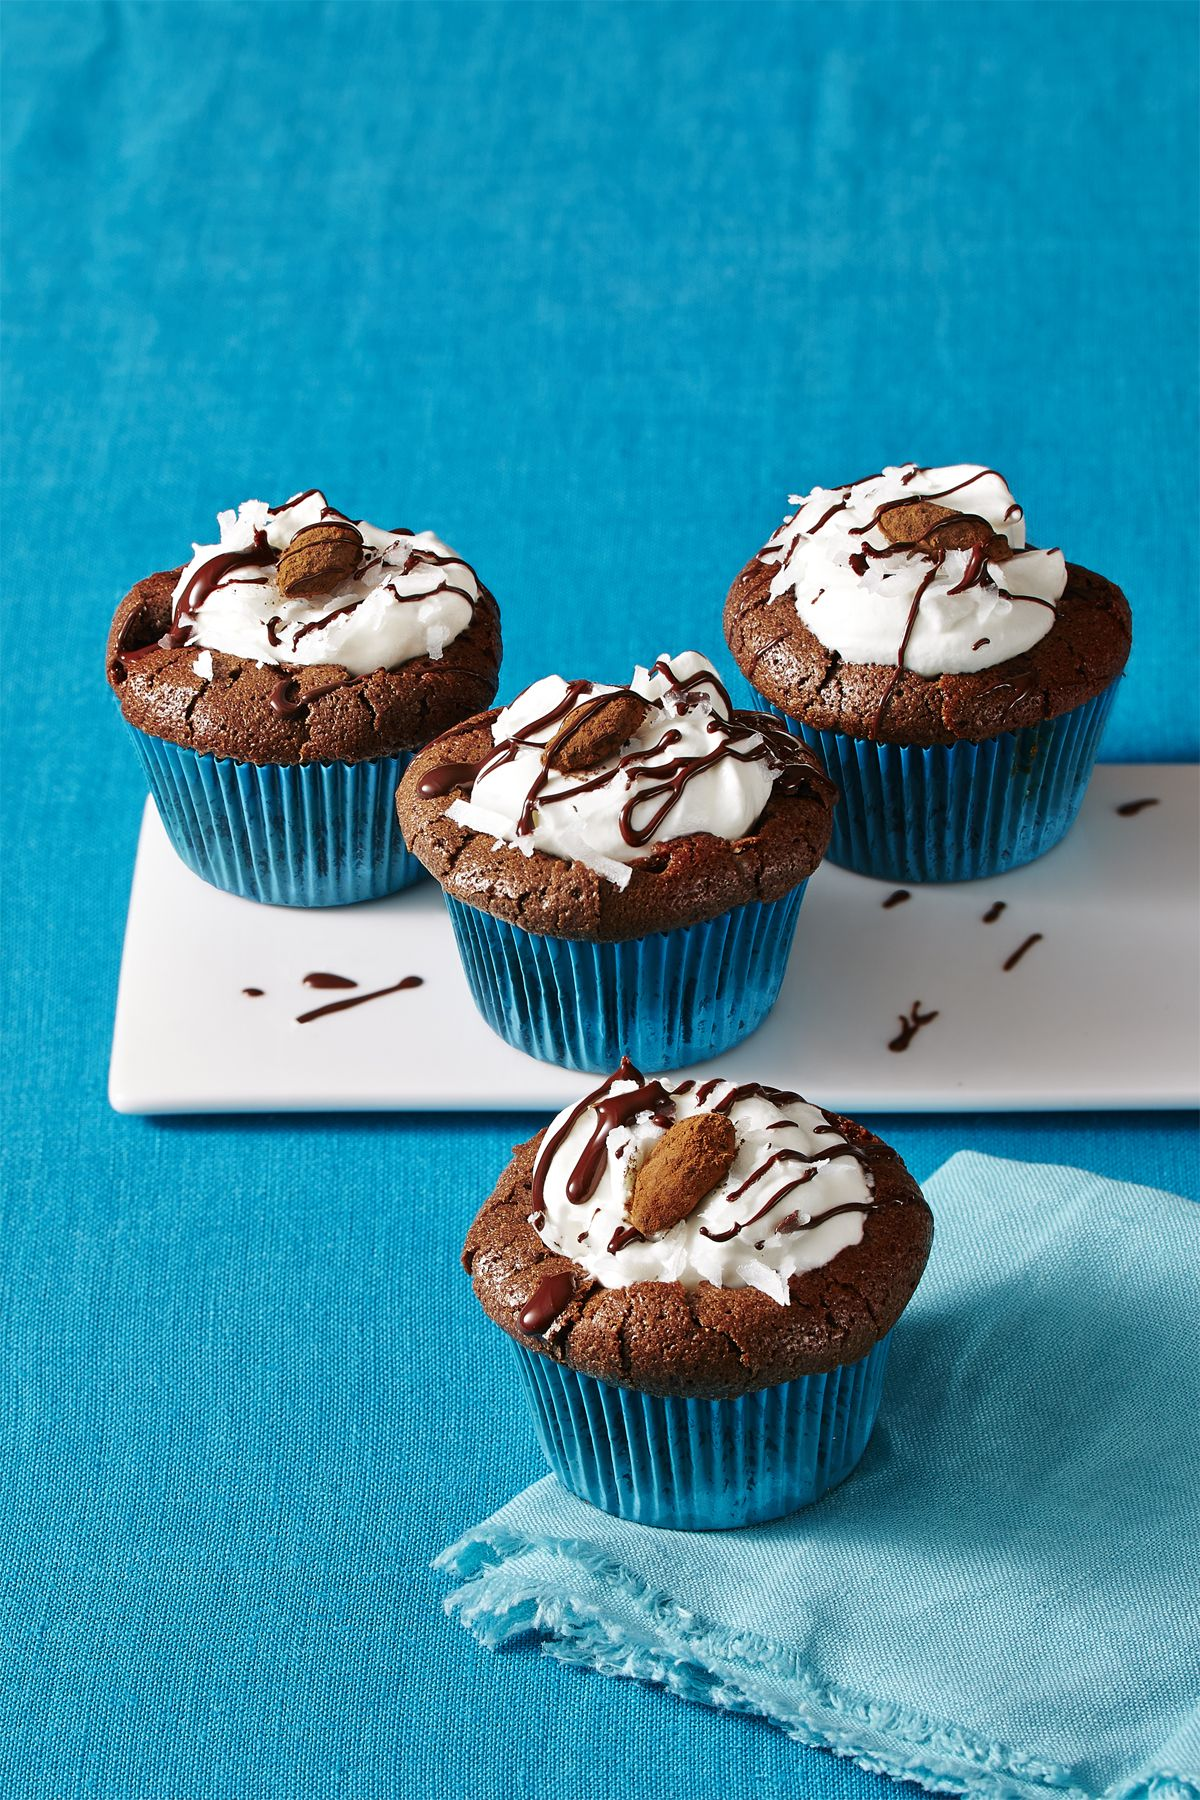 55 Easy Cupcake Recipes